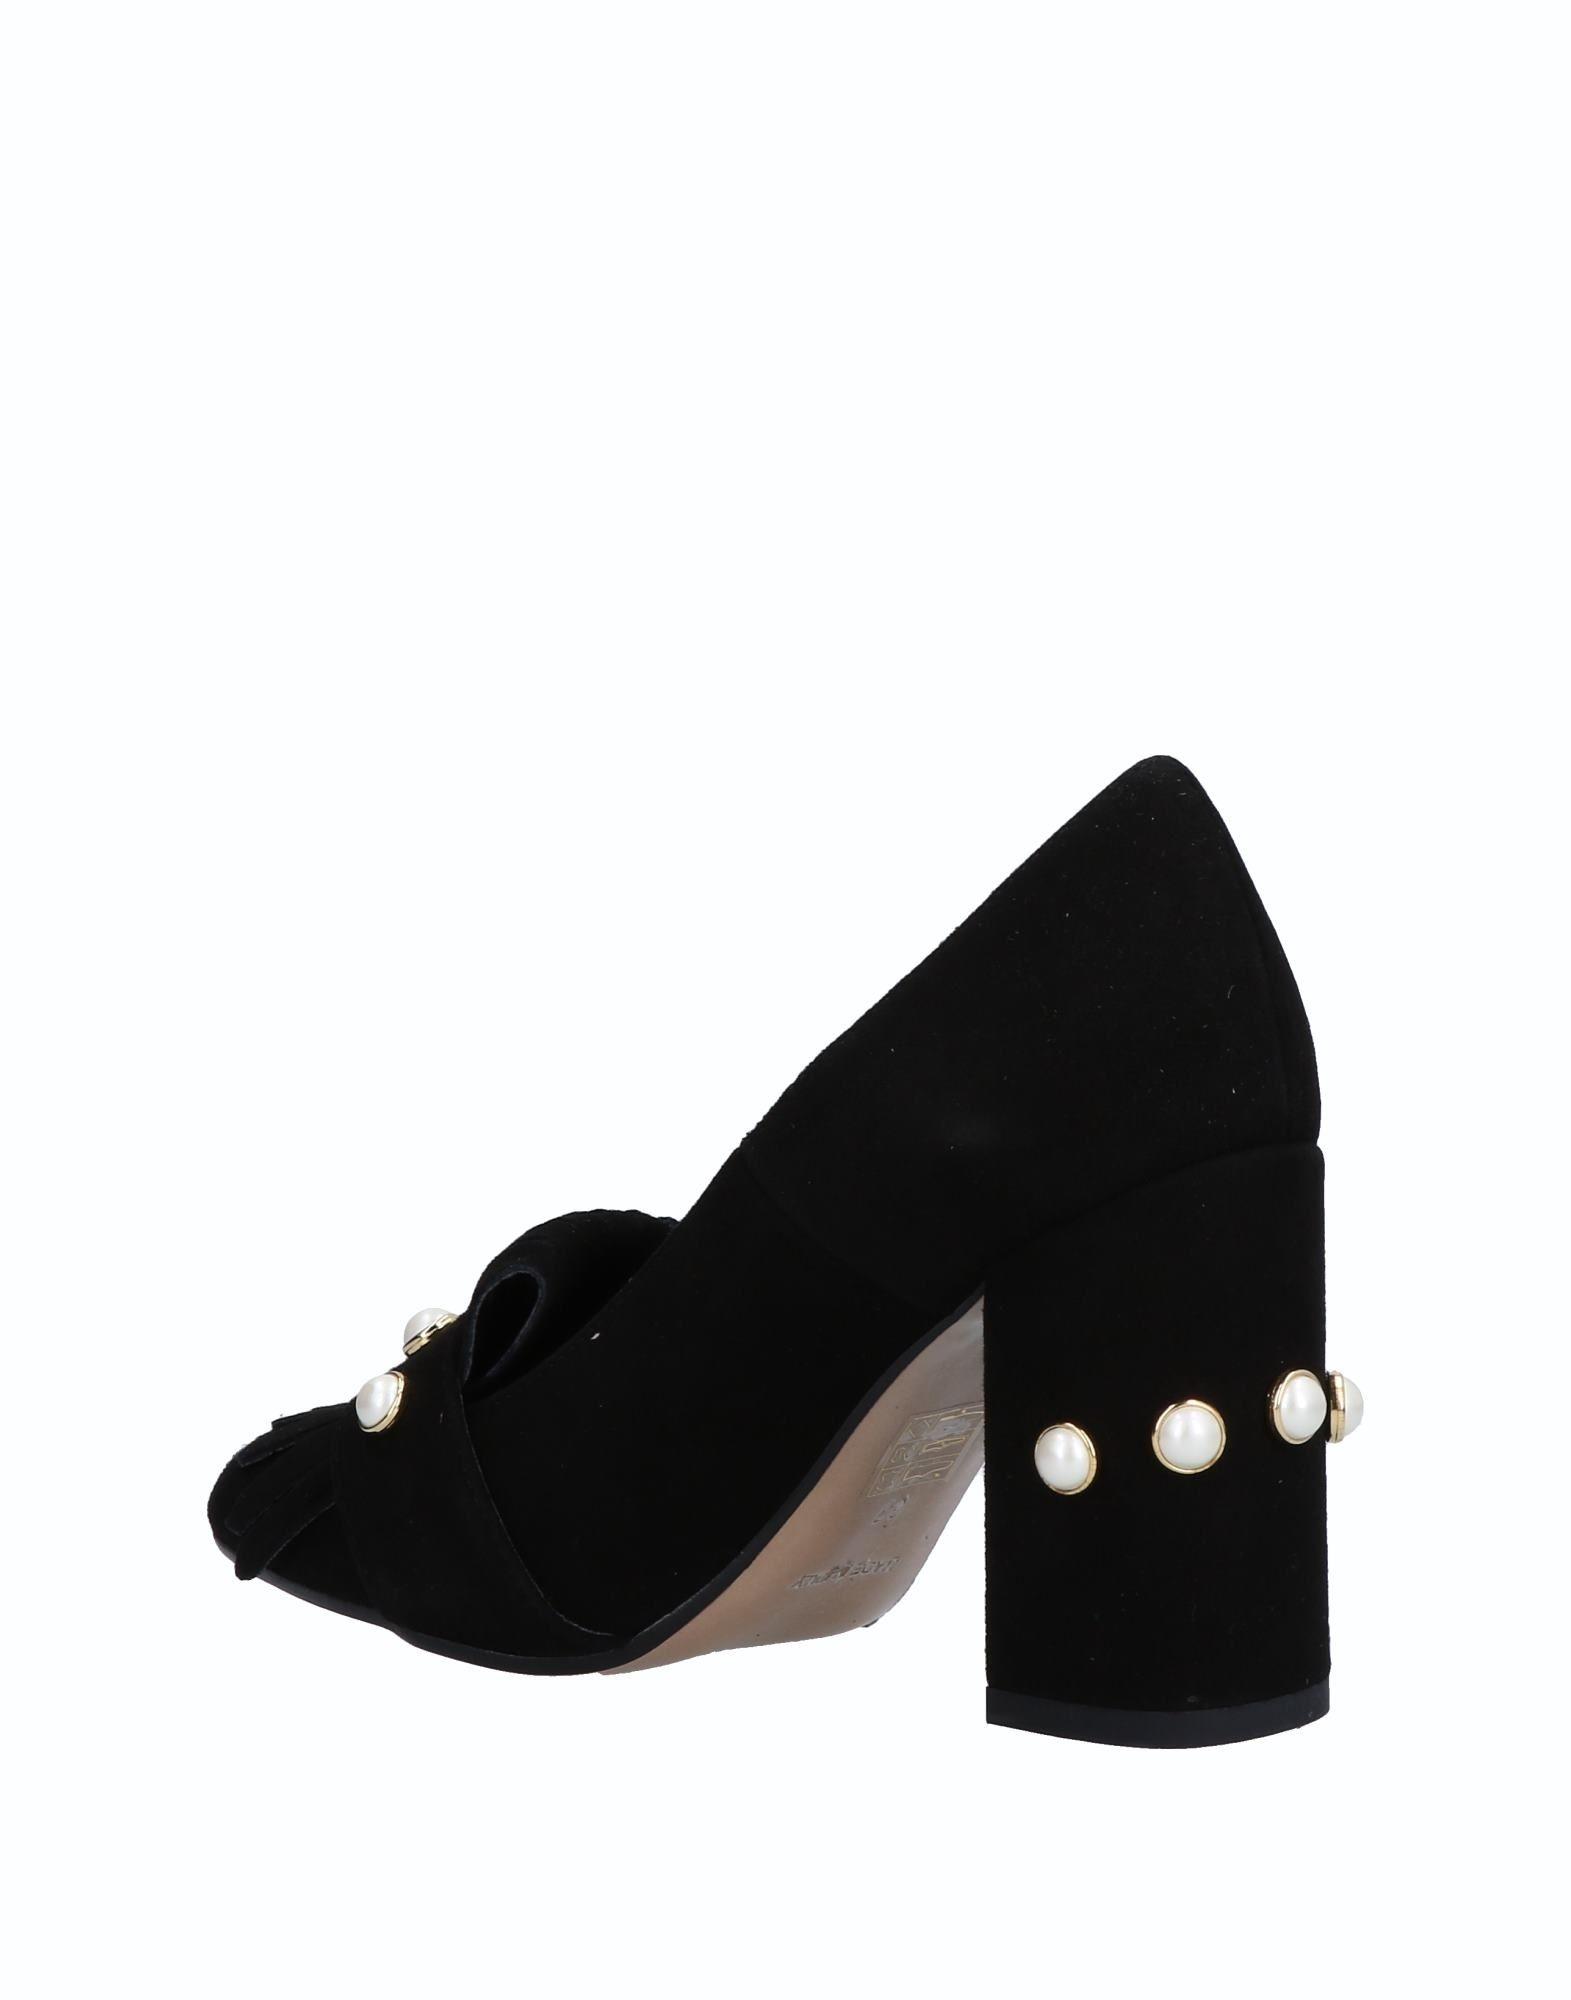 Bagatt Mokassins Damen  beliebte 11515355OG Gute Qualität beliebte  Schuhe a12ba5